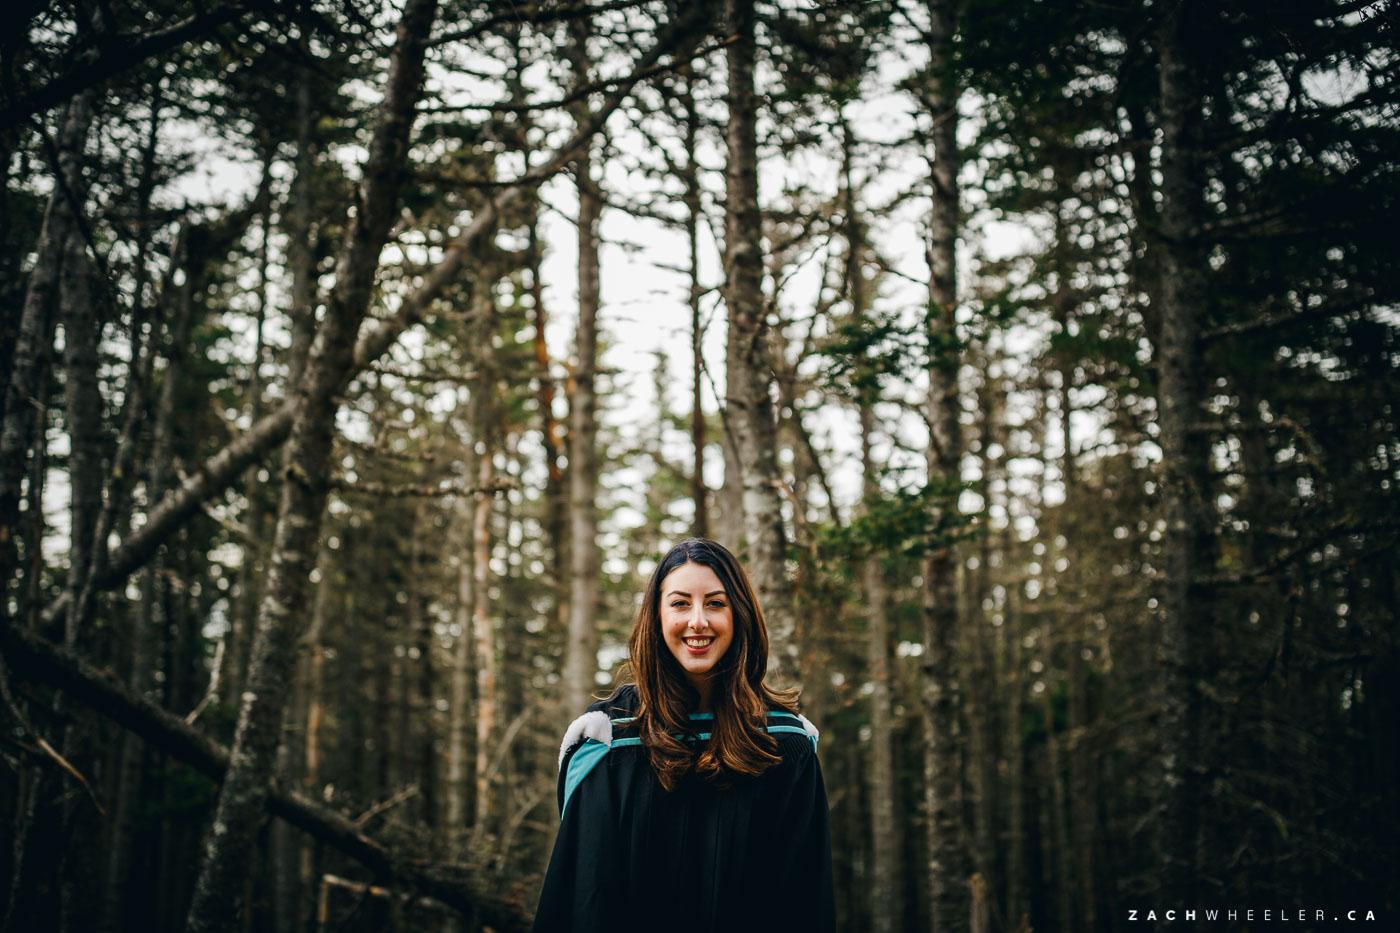 MUN-Graduation-Photographer-Outdoor-4